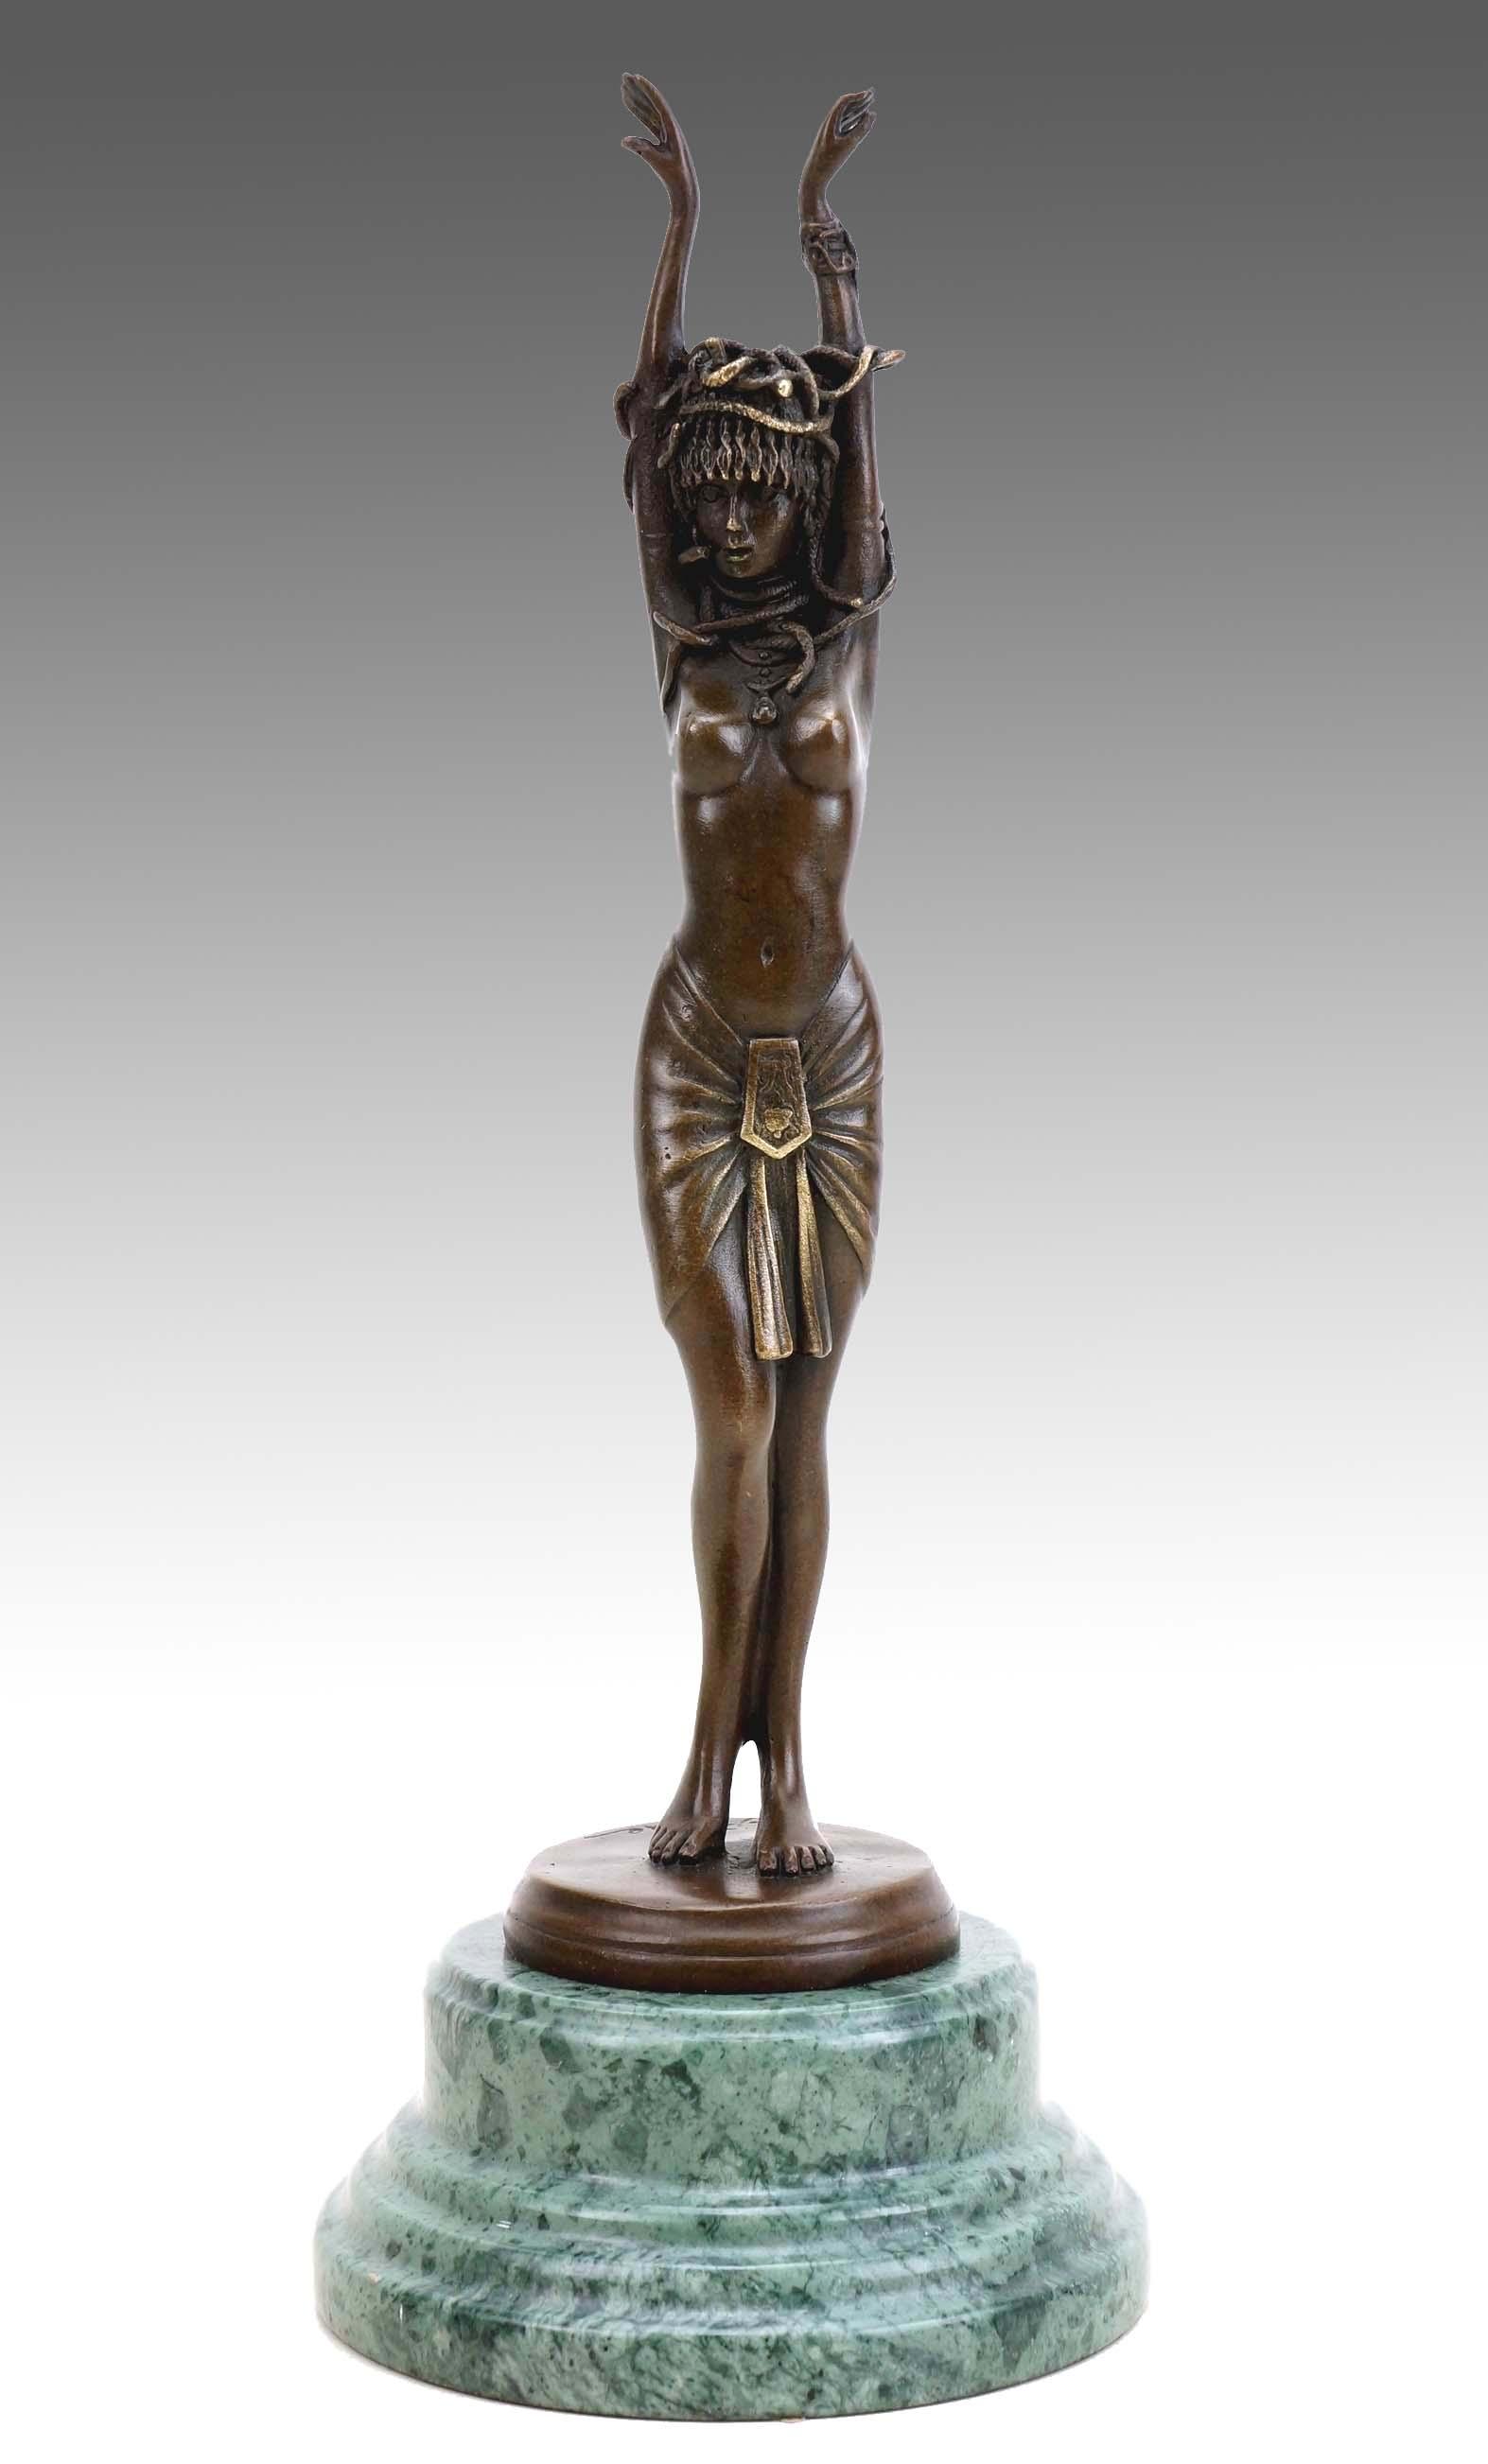 Preview: Medusa - Greek Statue - J. Patoue - Erotic Sculpture ...